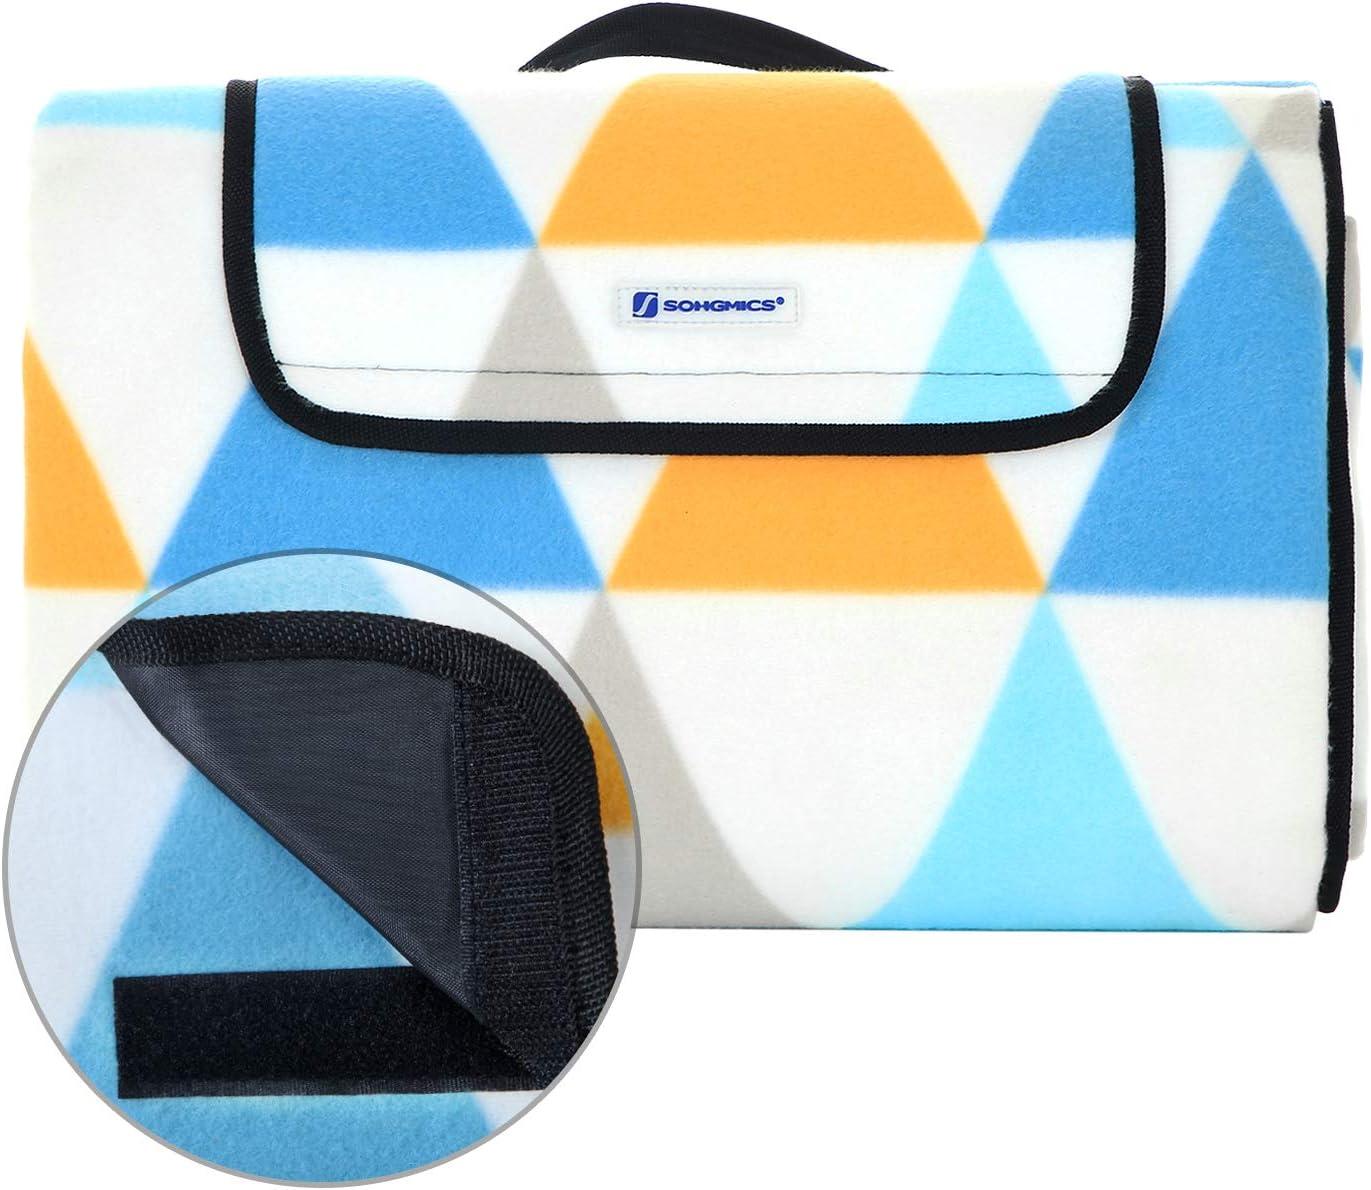 cour 200 x 200 cm motif triangle Tapis de plage gand pour camping parc Jaune GCM70GY pliable SONGMICS Couverture de pique-nique surface imperm/éable